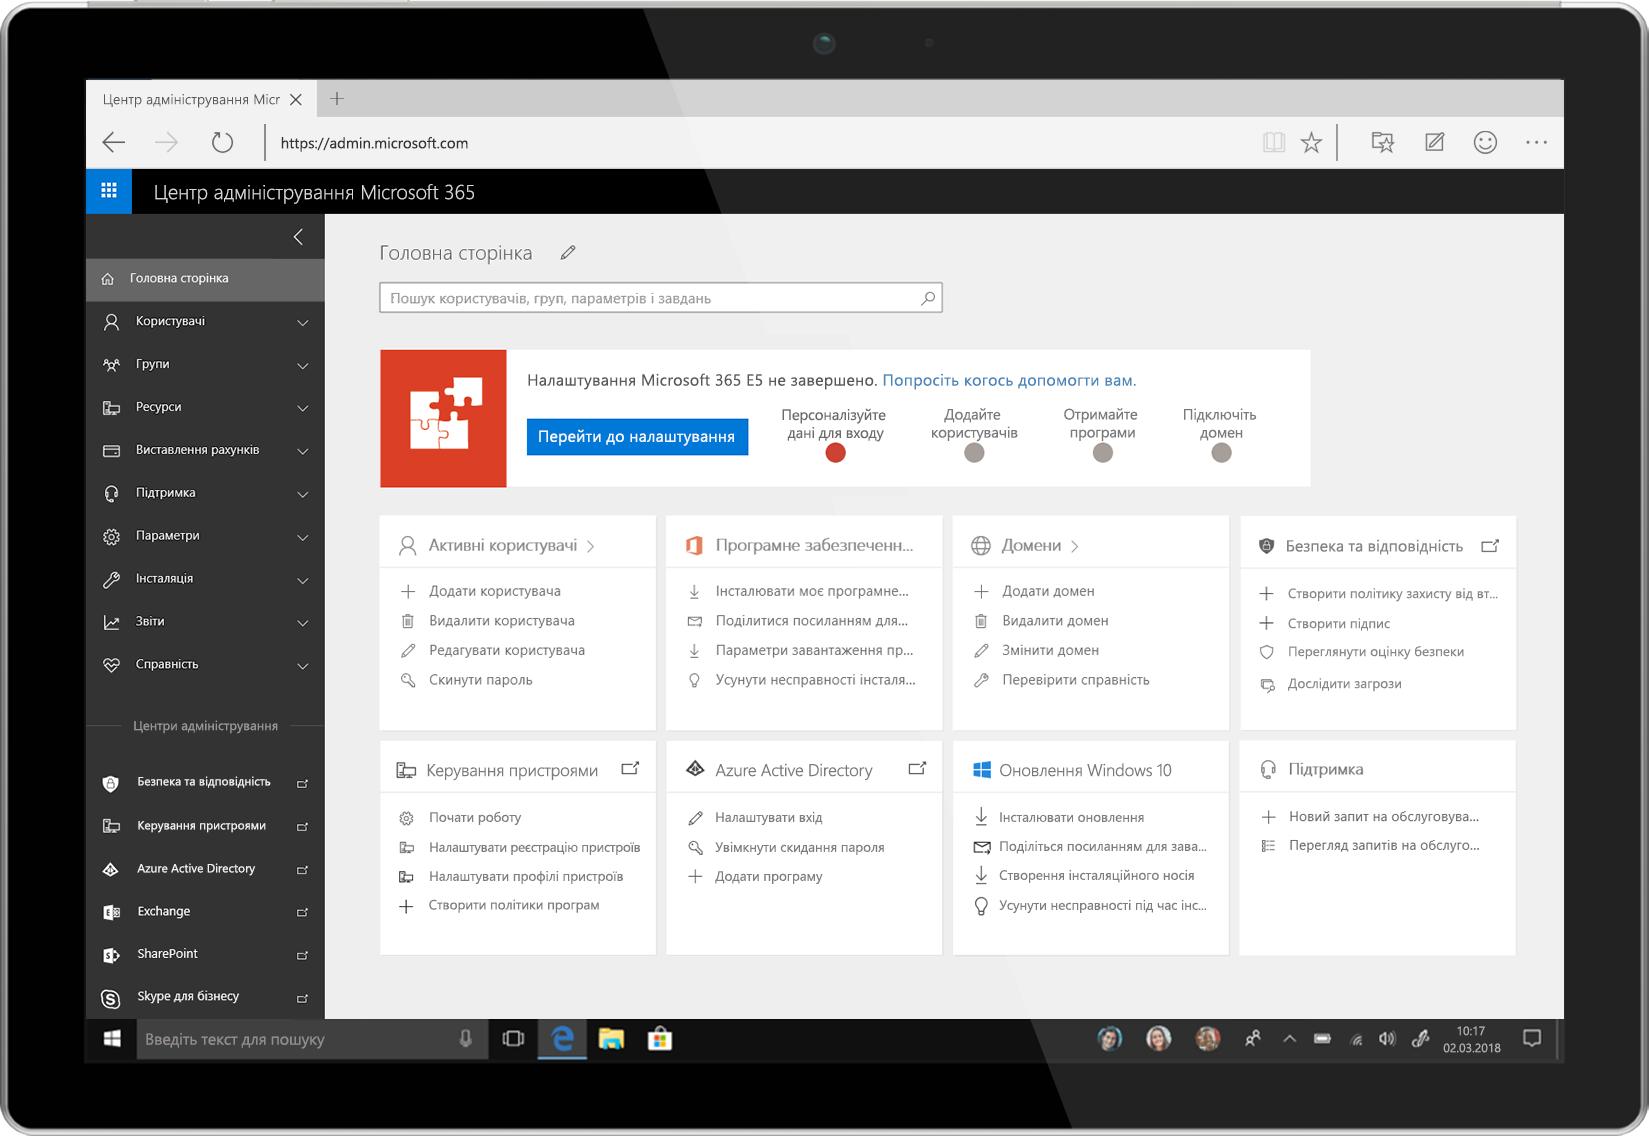 Зображення планшета з Центром адміністрування Microsoft 365.